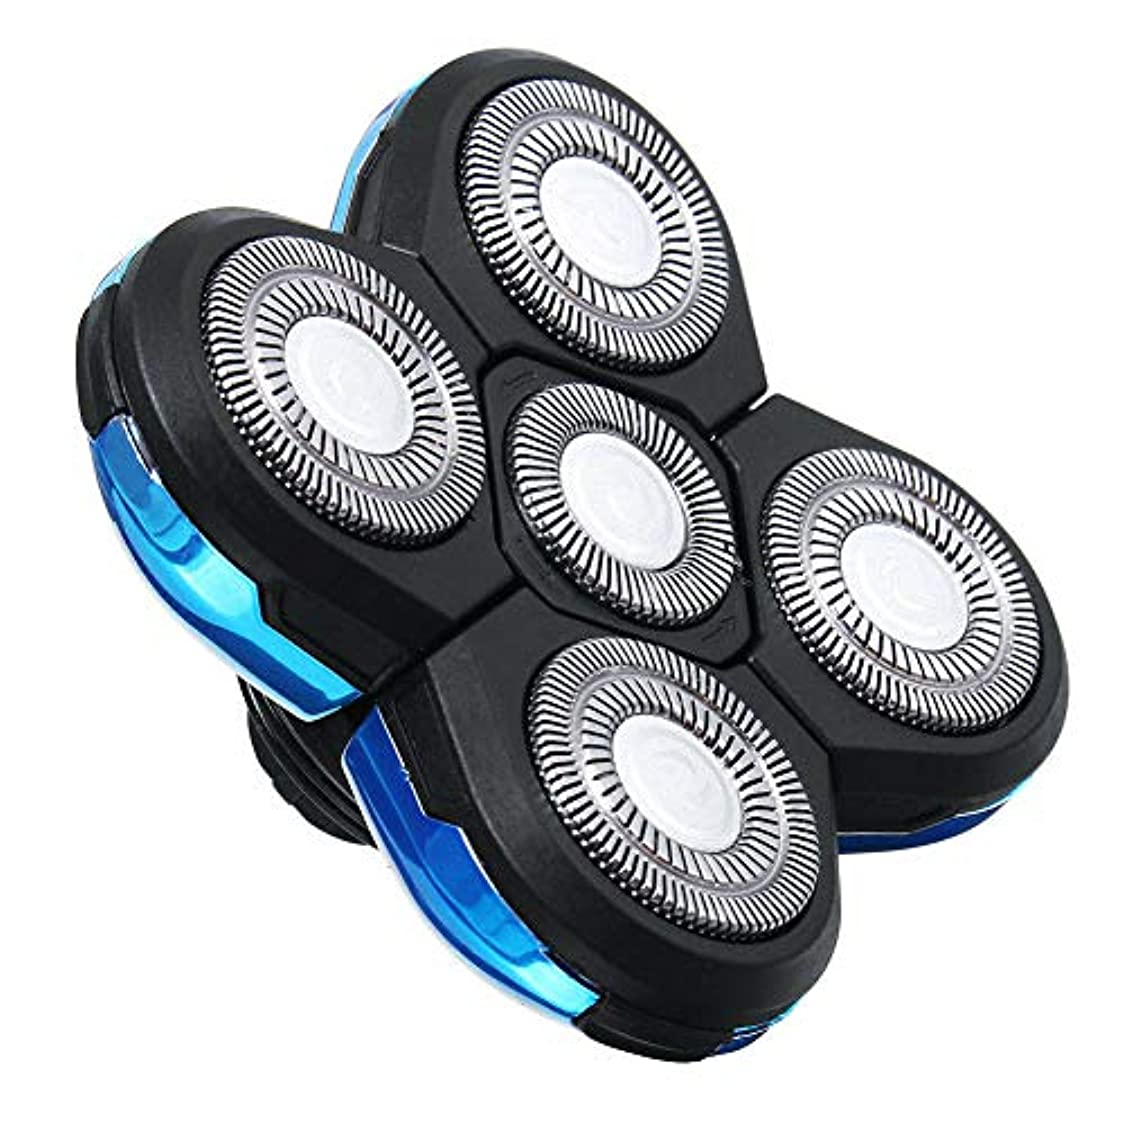 ホット徹底的にラインシェーバー5 sヘアトリマー髭ユニバーサル耐久性のある高速ブレードカッター交換簡単インストールフローティング実用シェービング電気かみそりダブルリング(ブルー)